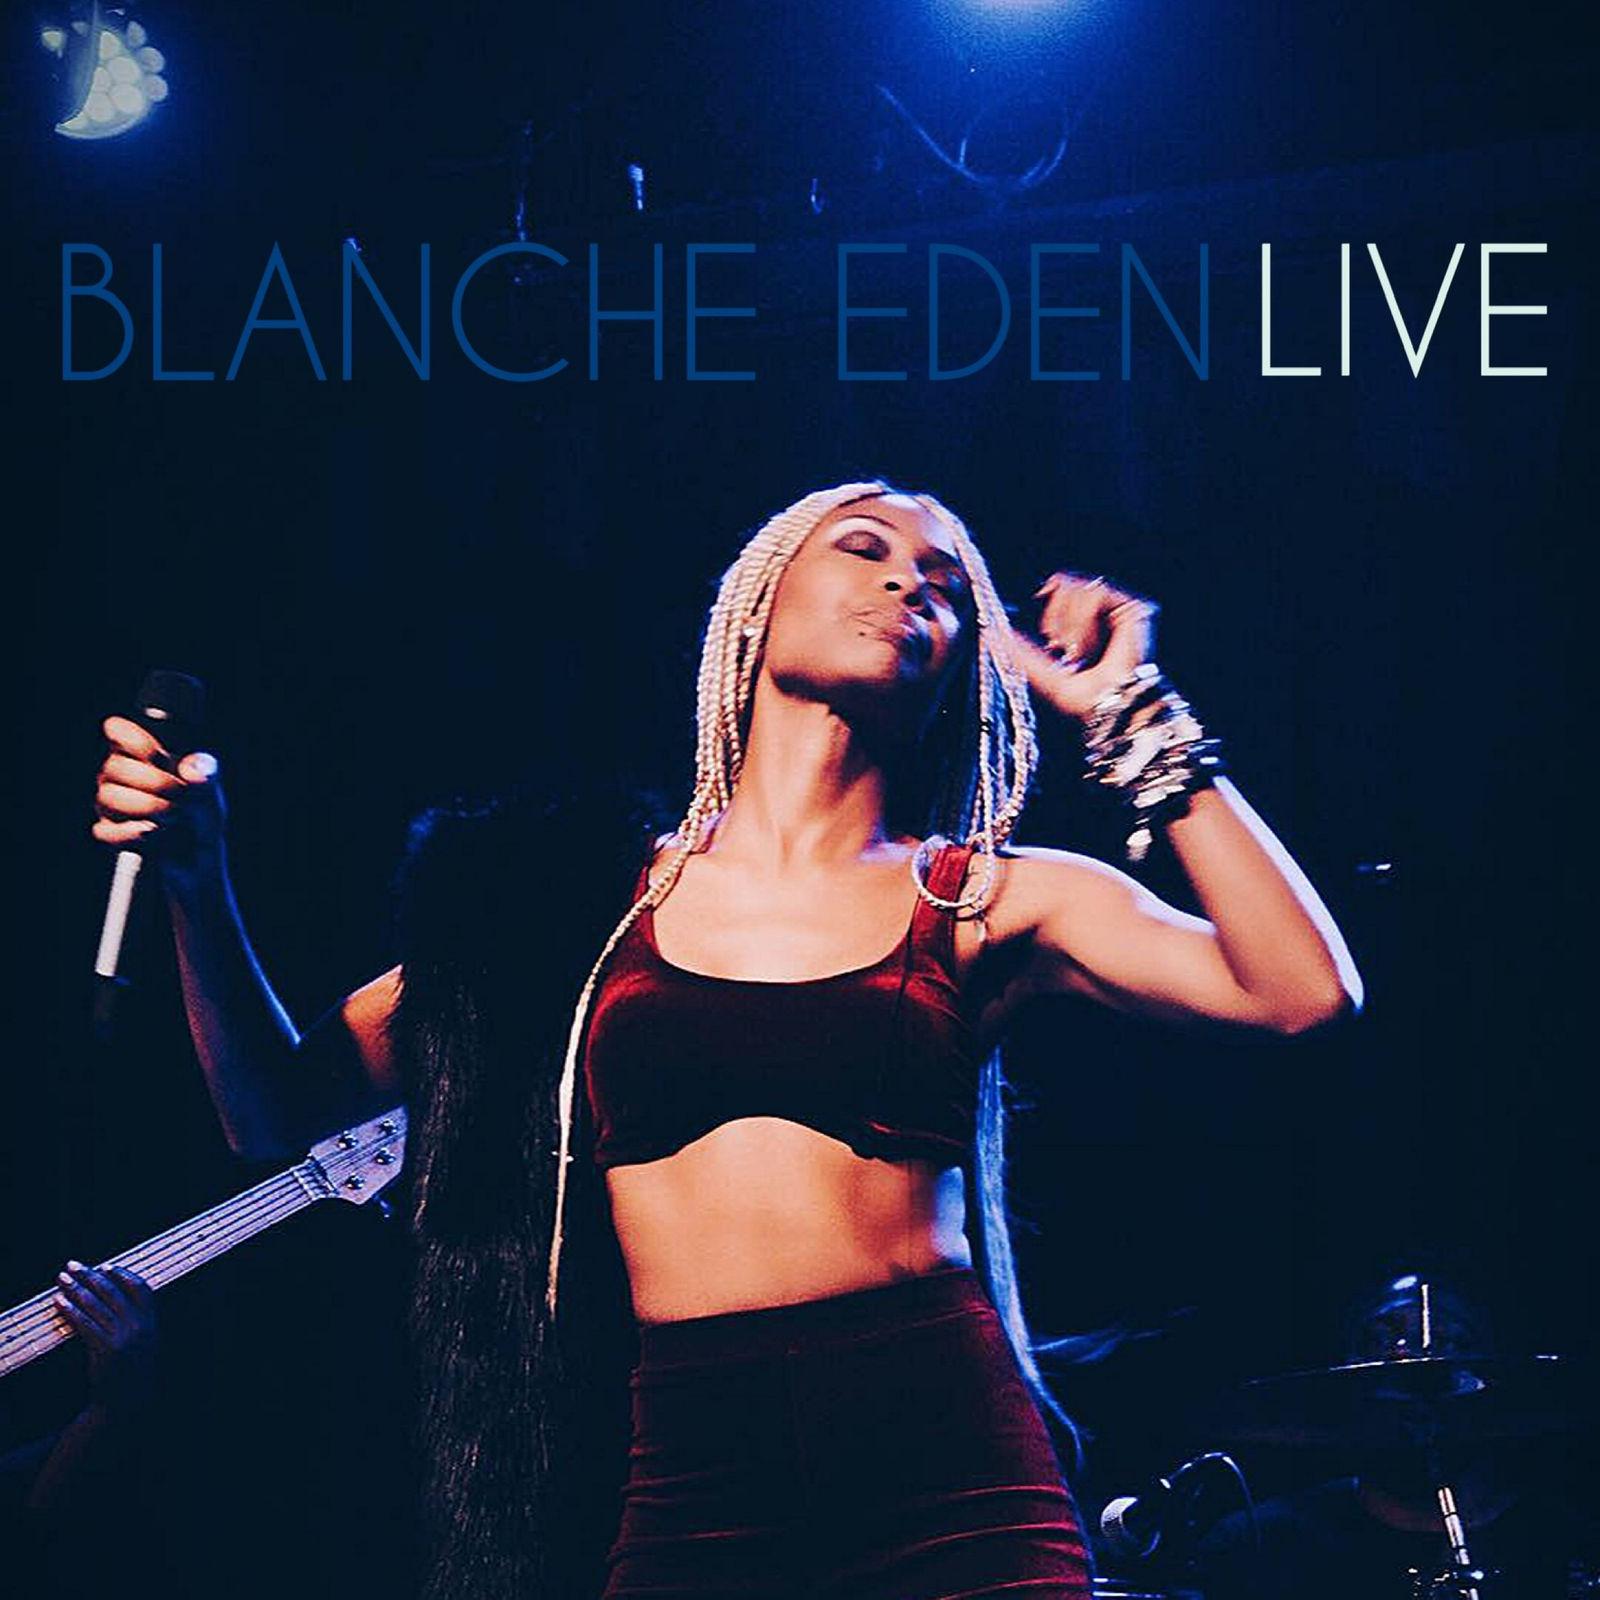 Blanche Eden Live